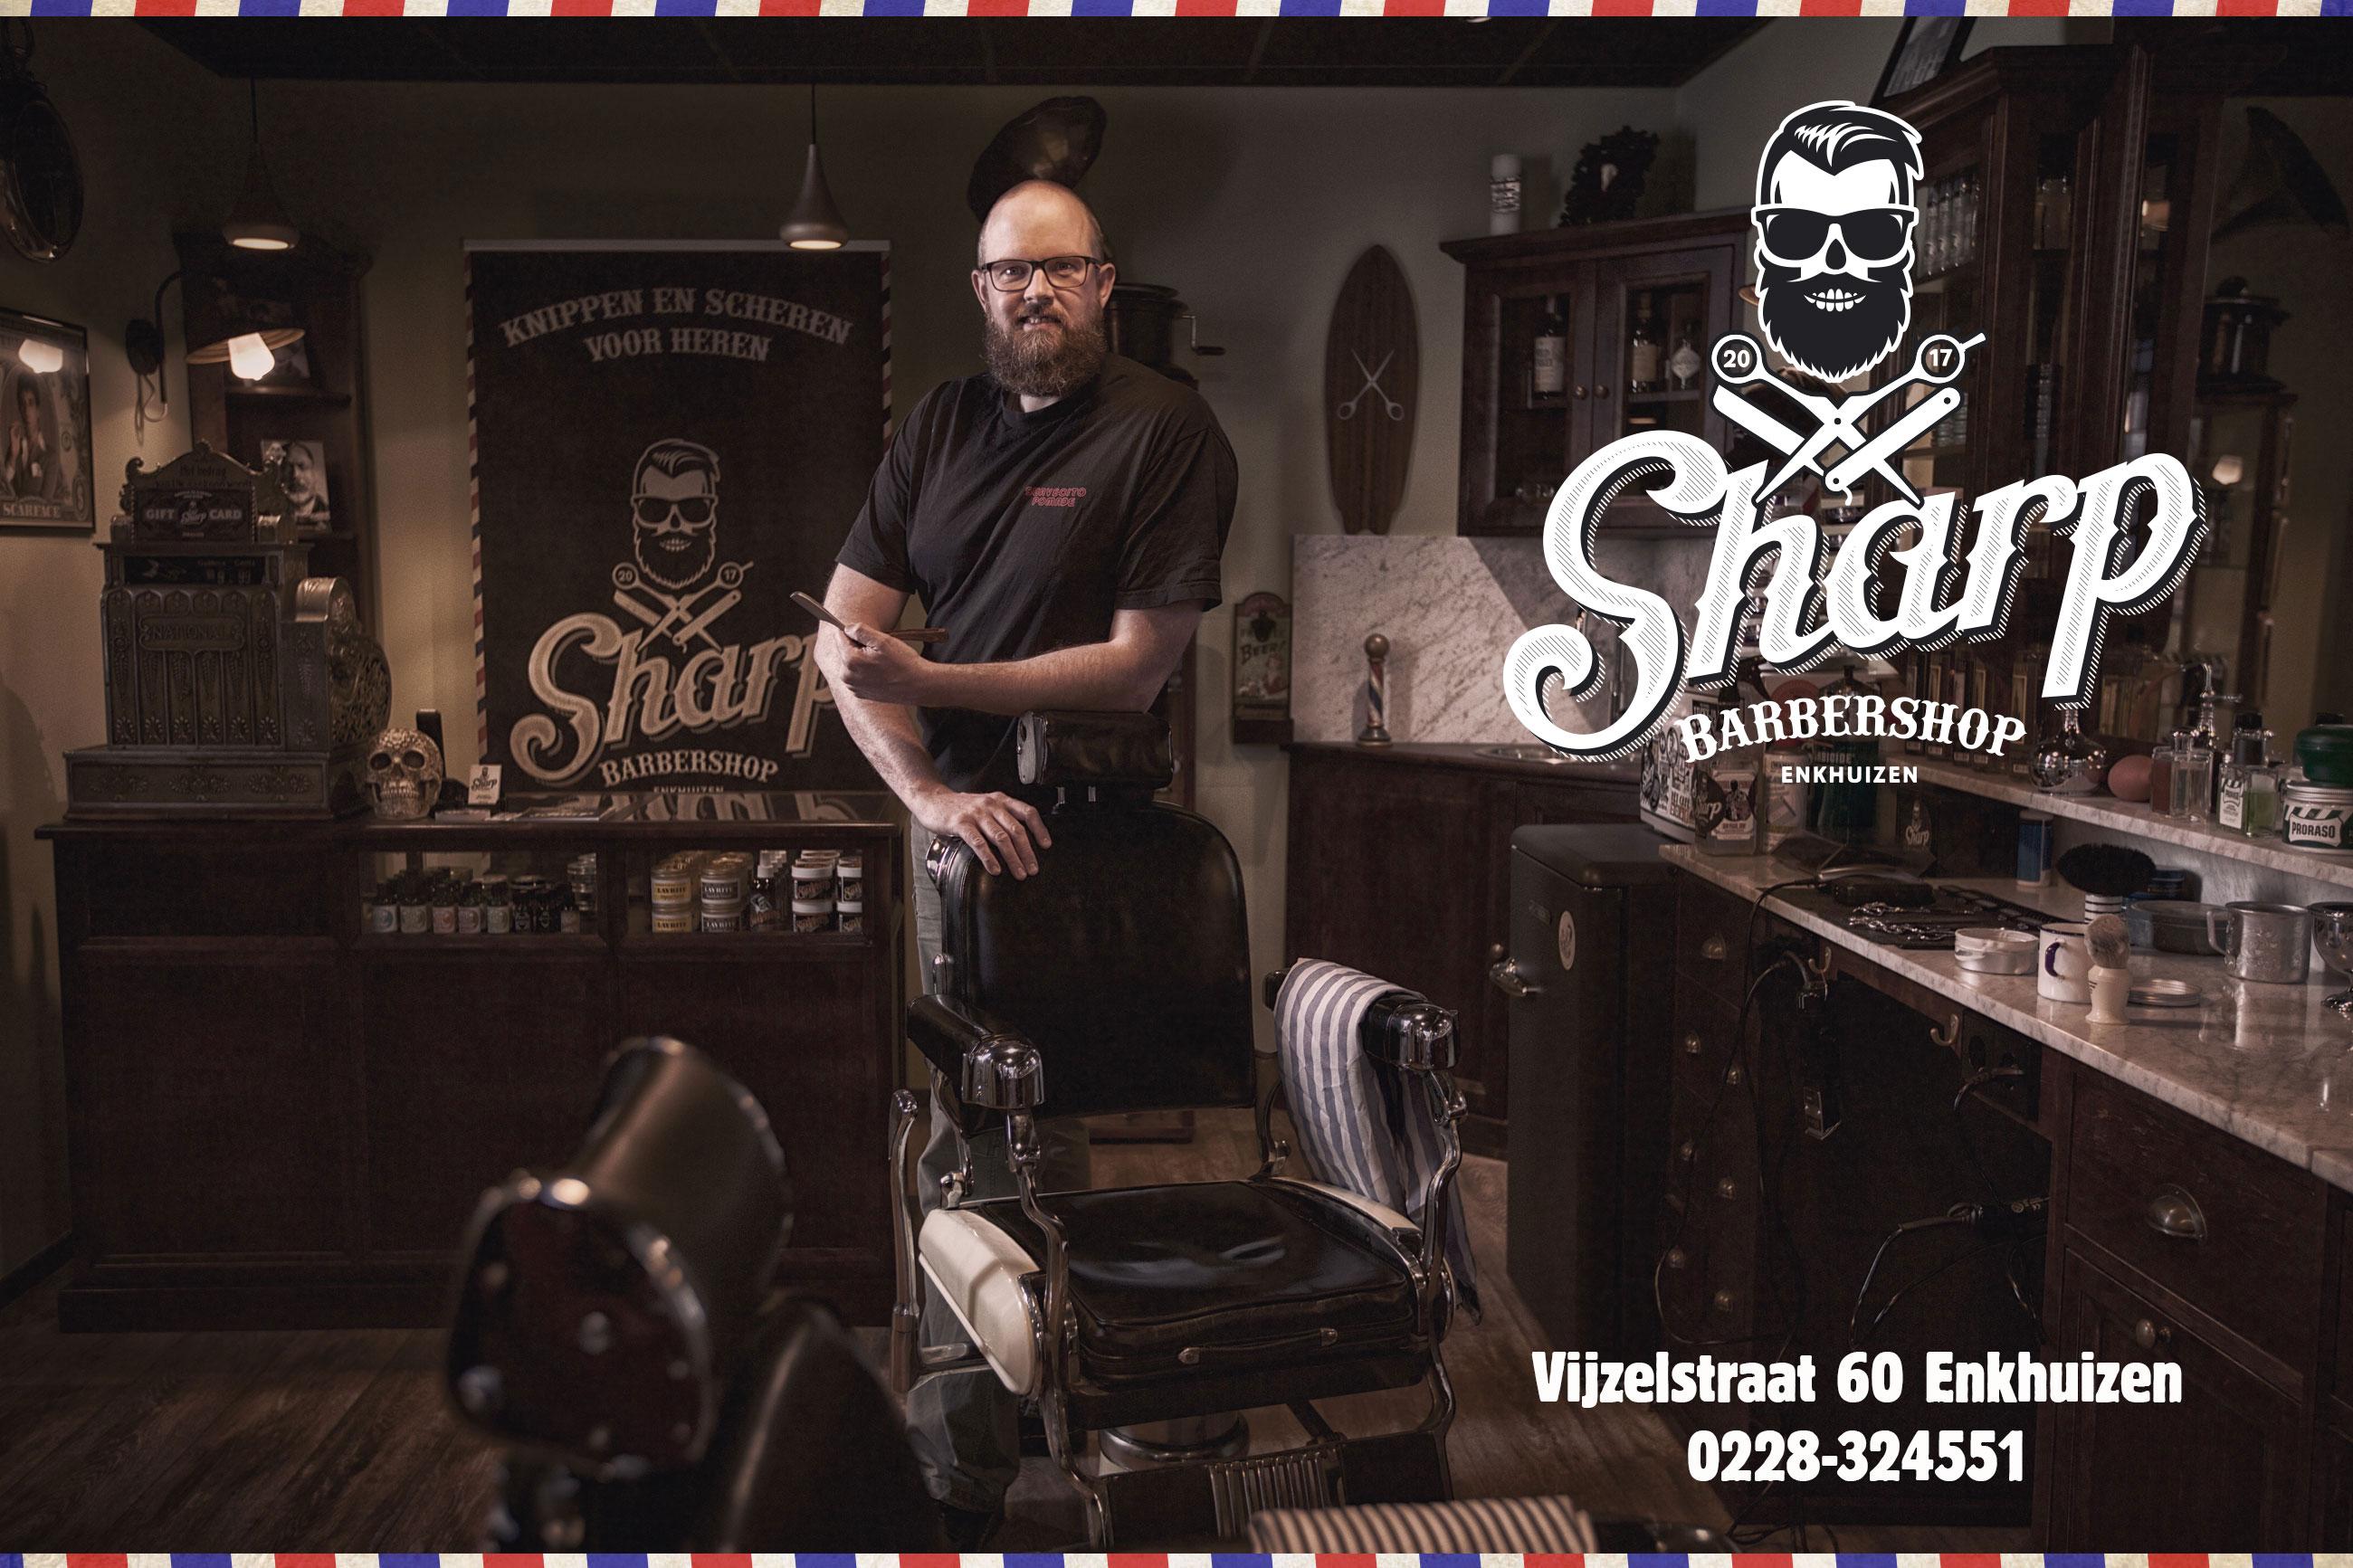 Sharp Barbershop, Enkhuizen, Andijk, Bovenkarspel, Grootebroek, Barbier, Shave